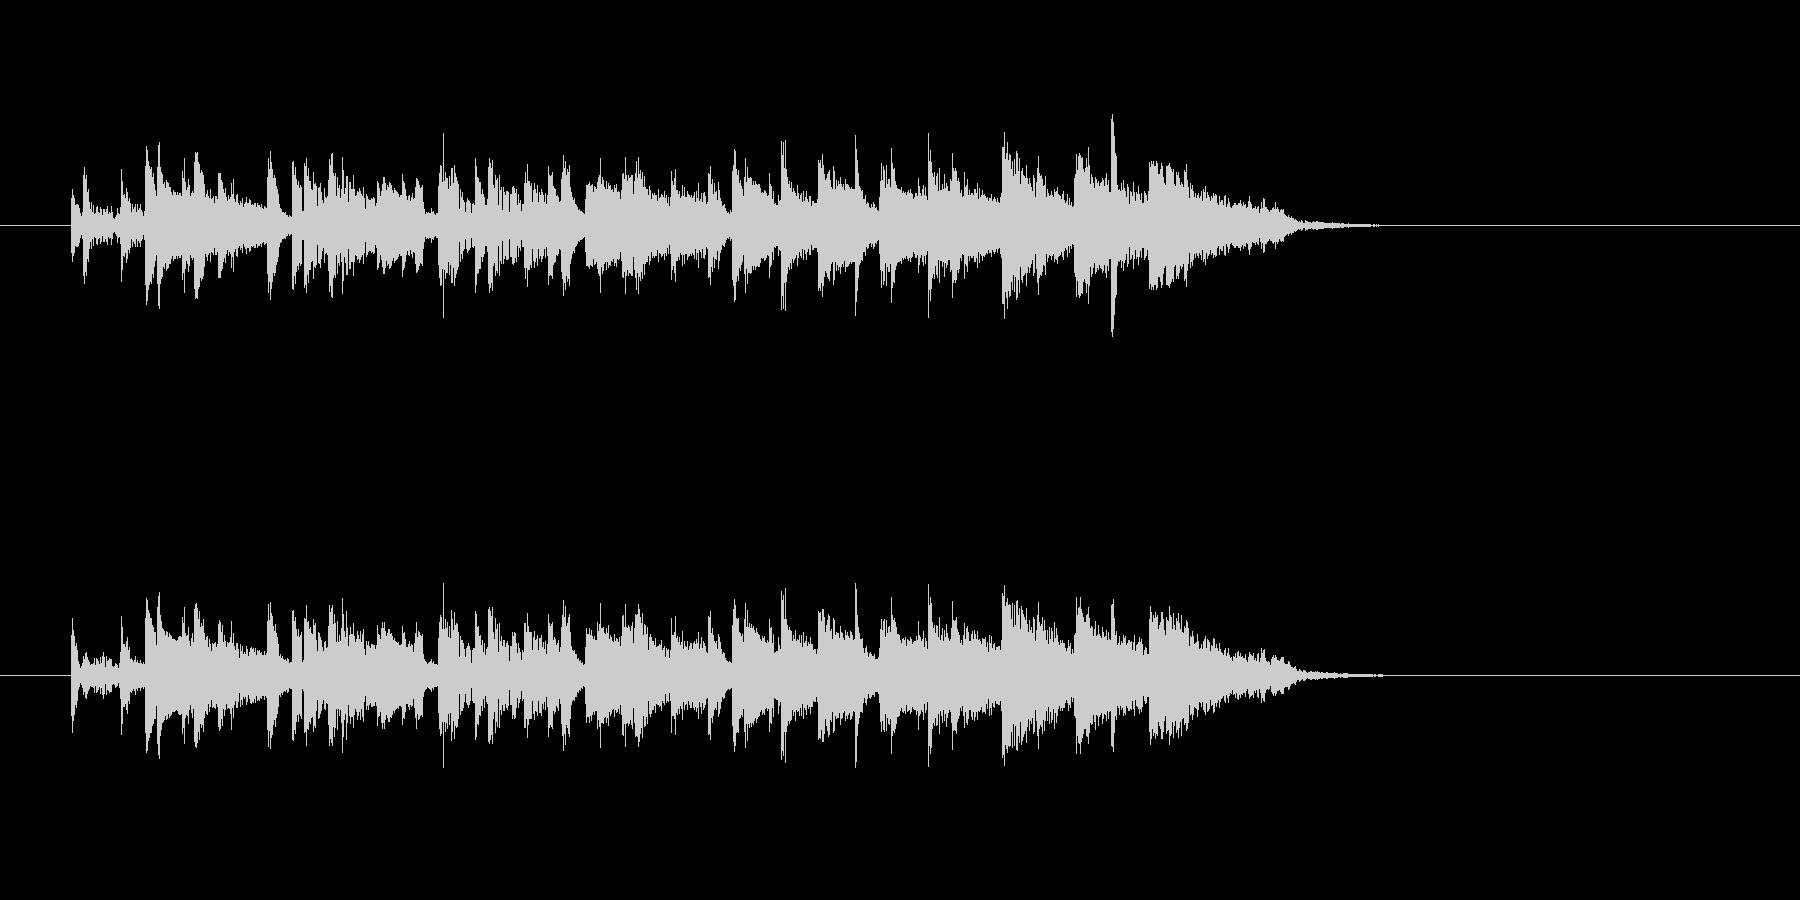 ポップ 民族楽器 明るい わくわくの未再生の波形